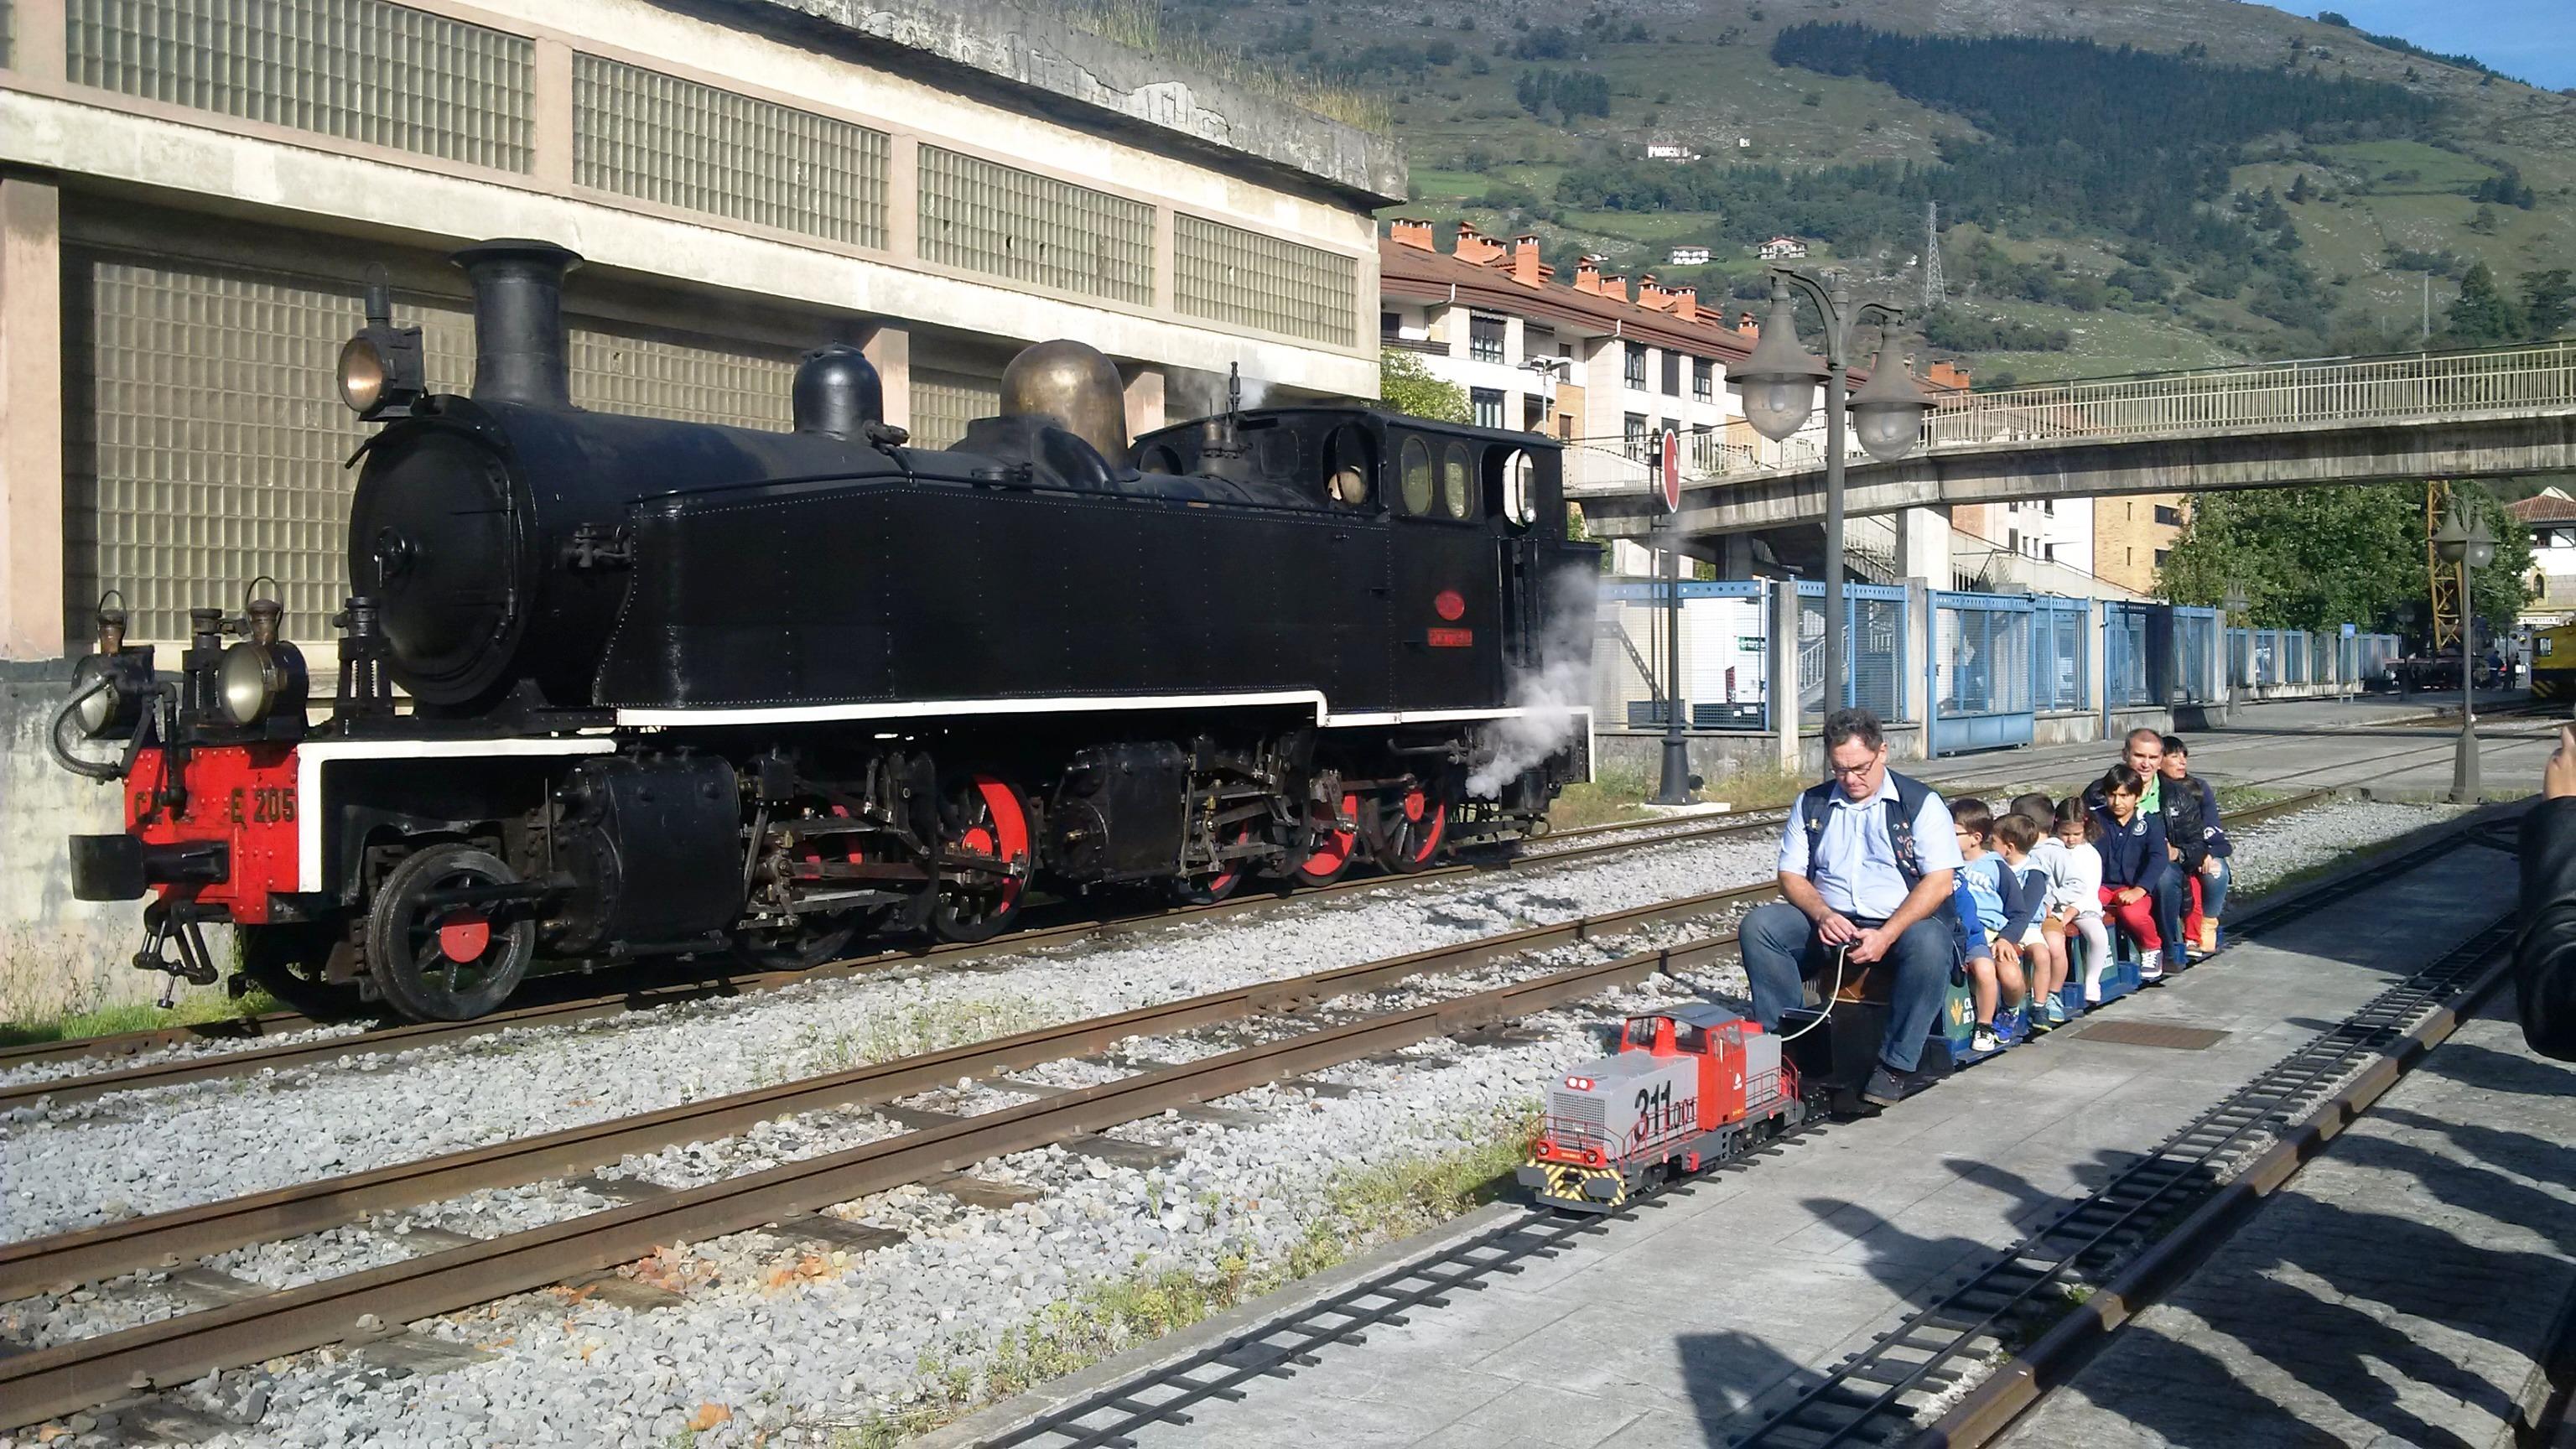 museo_ferrocarril_02.jpg